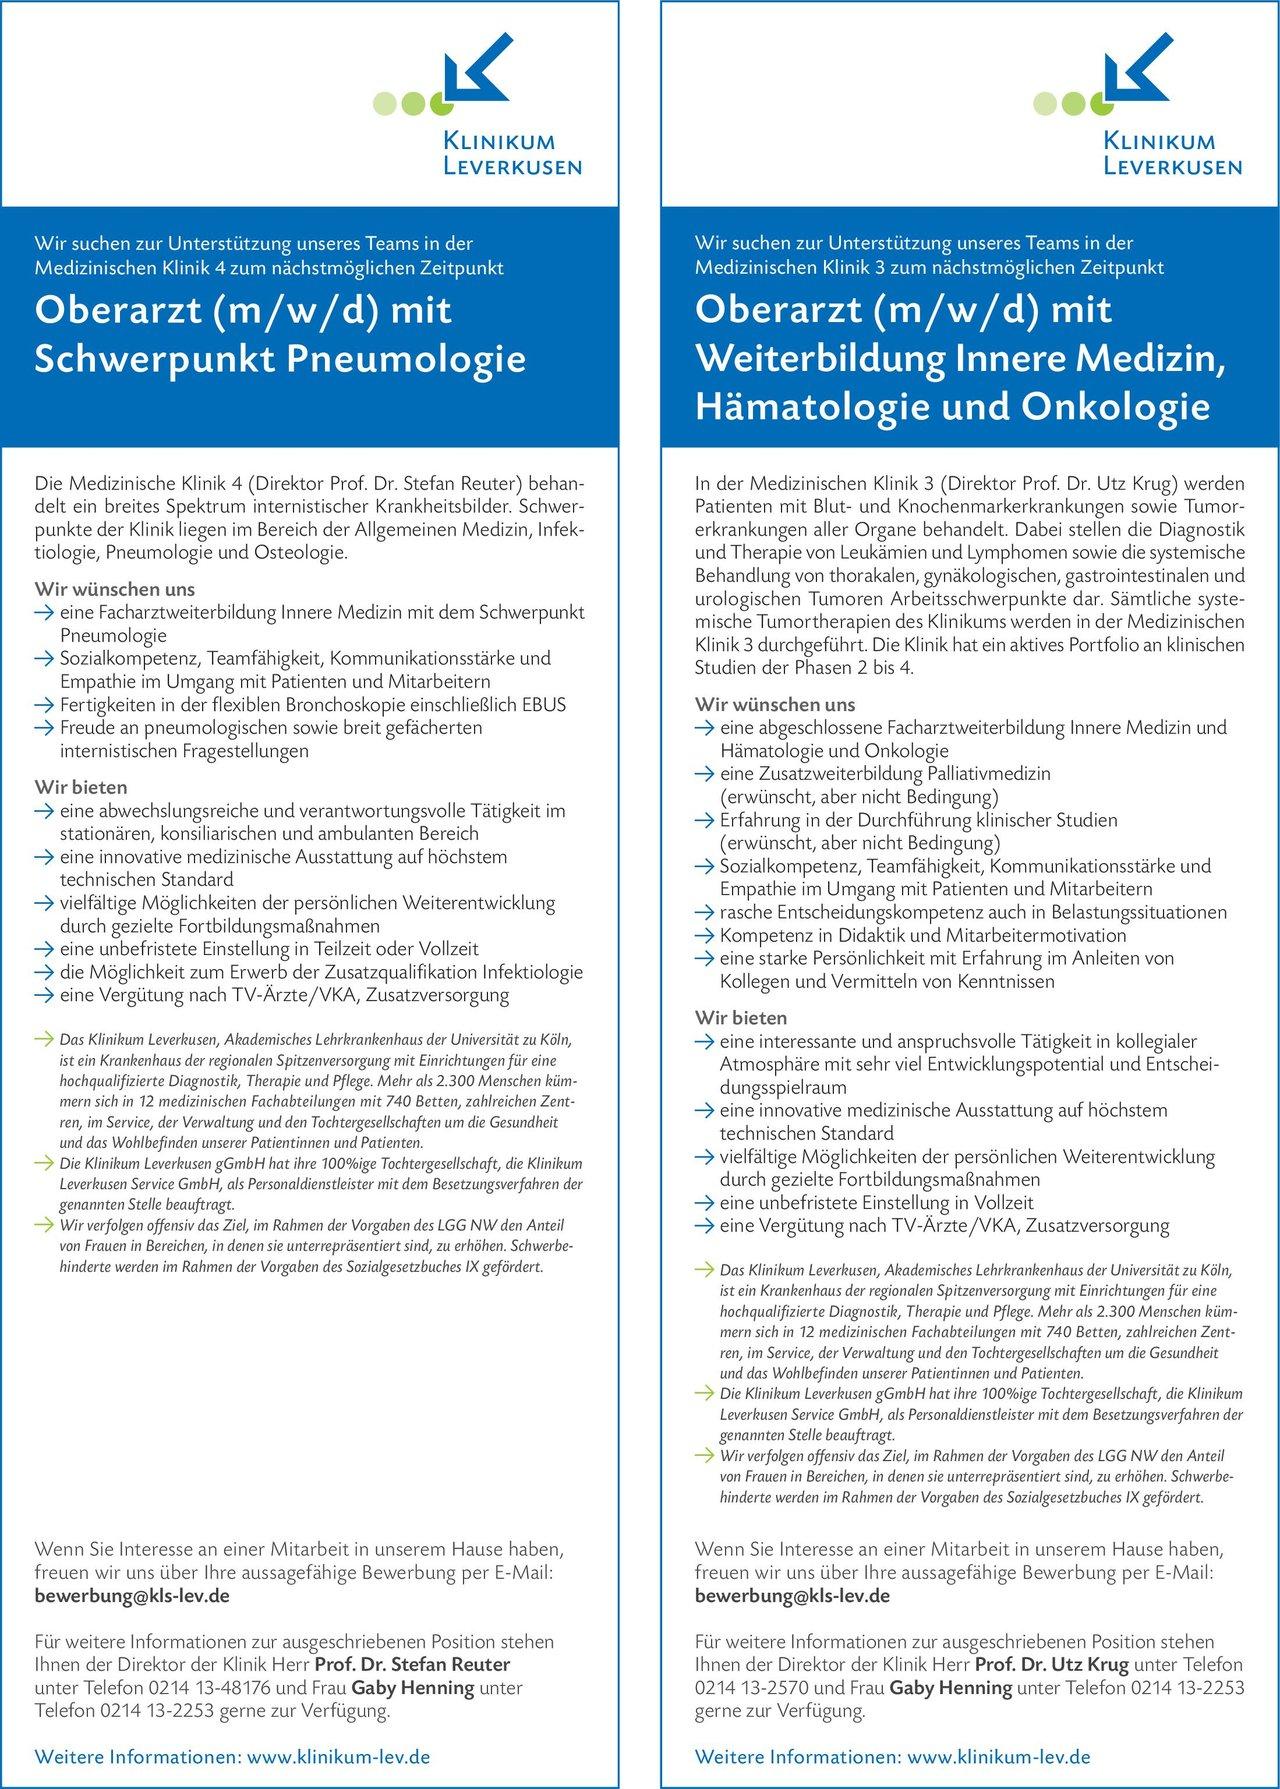 Klinikum Leverkusen Oberarzt (m/w/d) mit Weiterbildung Innere Medizin, Hämatologie und Onkologie  Innere Medizin und Hämatologie und Onkologie, Innere Medizin Oberarzt